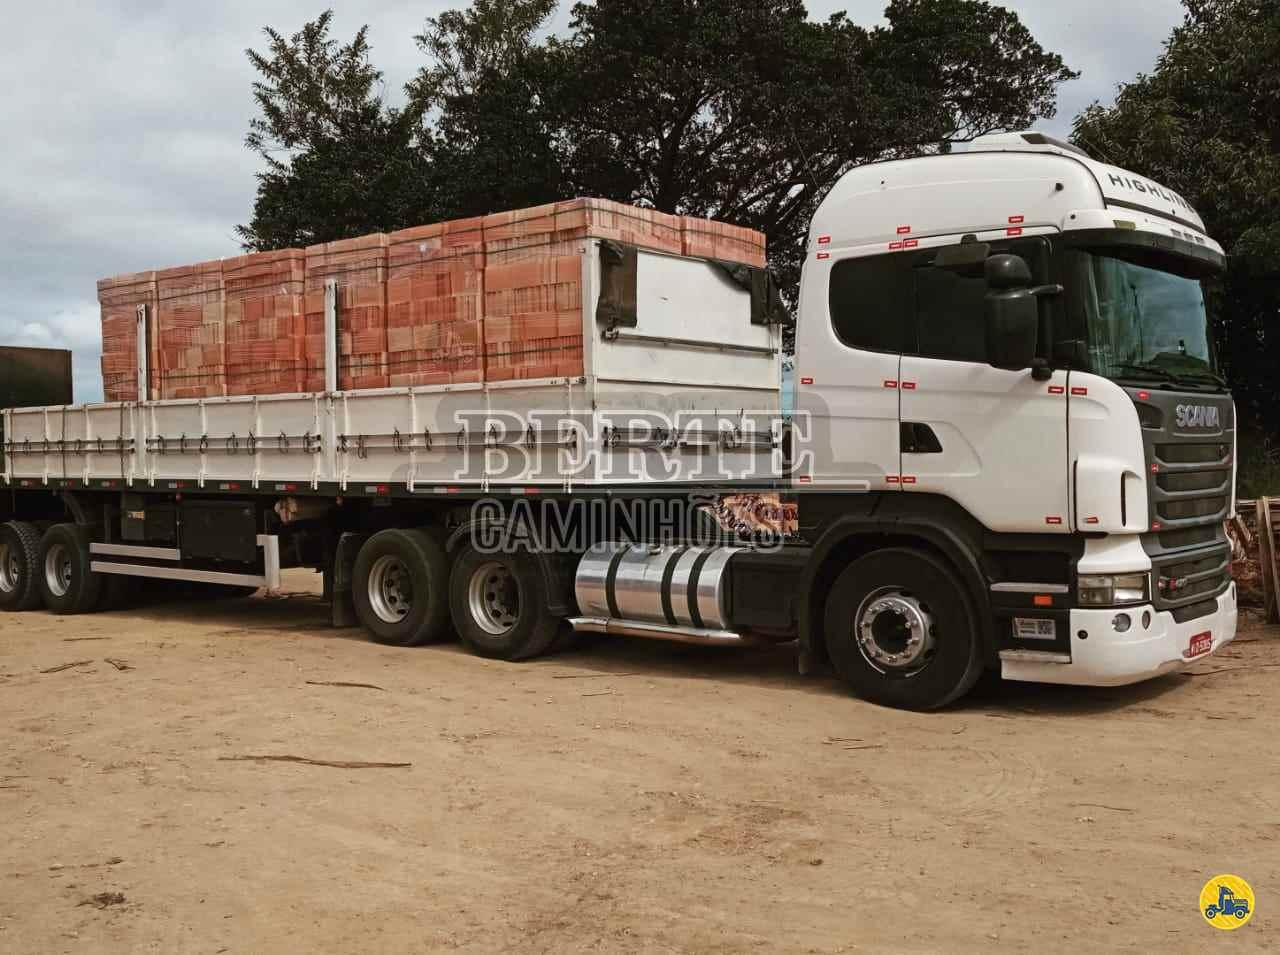 CAMINHAO SCANIA SCANIA 124 420 Cavalo Mecânico Truck 6x2 Berte Caminhões SANTA ROSA RIO GRANDE DO SUL RS